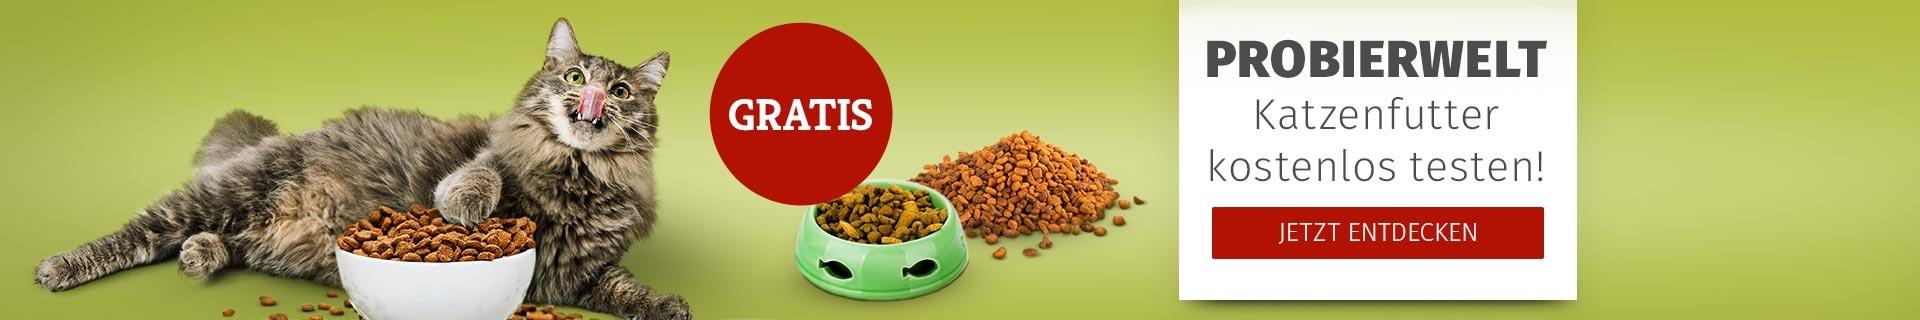 Probierwelt für Katze - Futter kostenlos testen